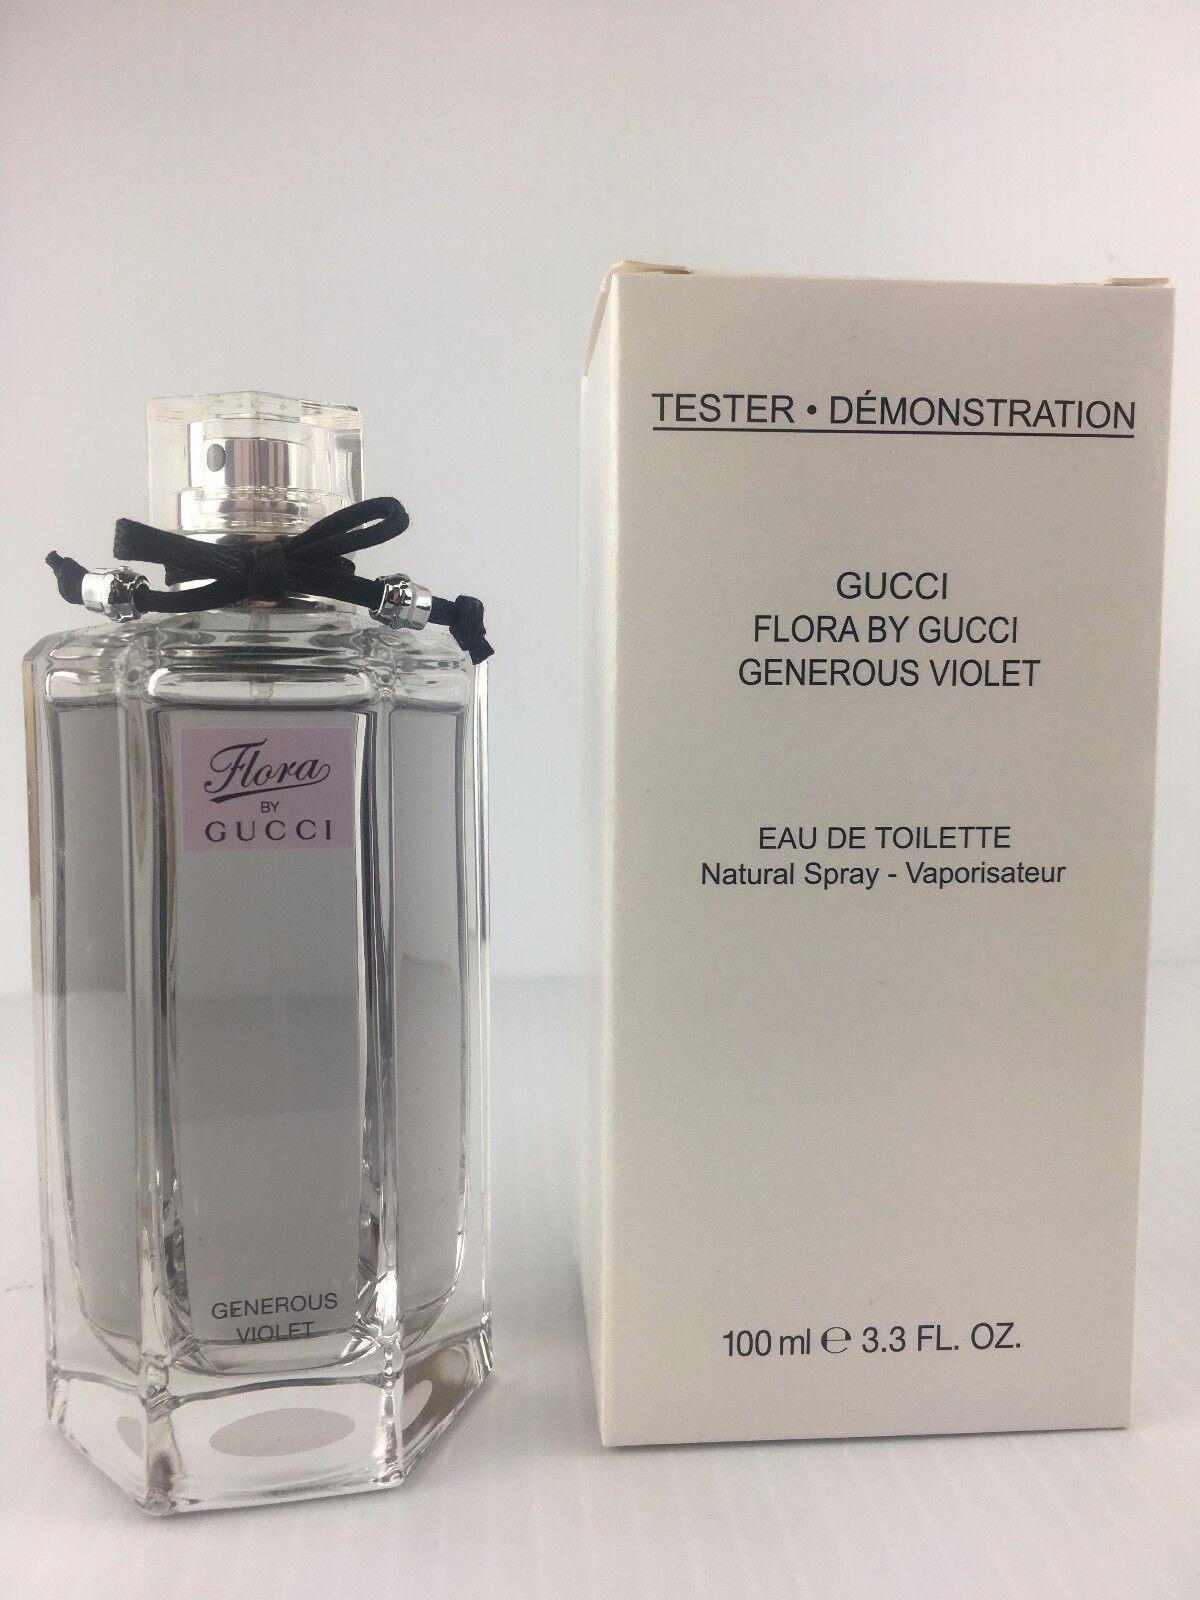 66cc36e3e76 Gucci Flora Generous Violet Women Perfume 3.3 Oz EDT Spray W cap as SHOWN  for sale online